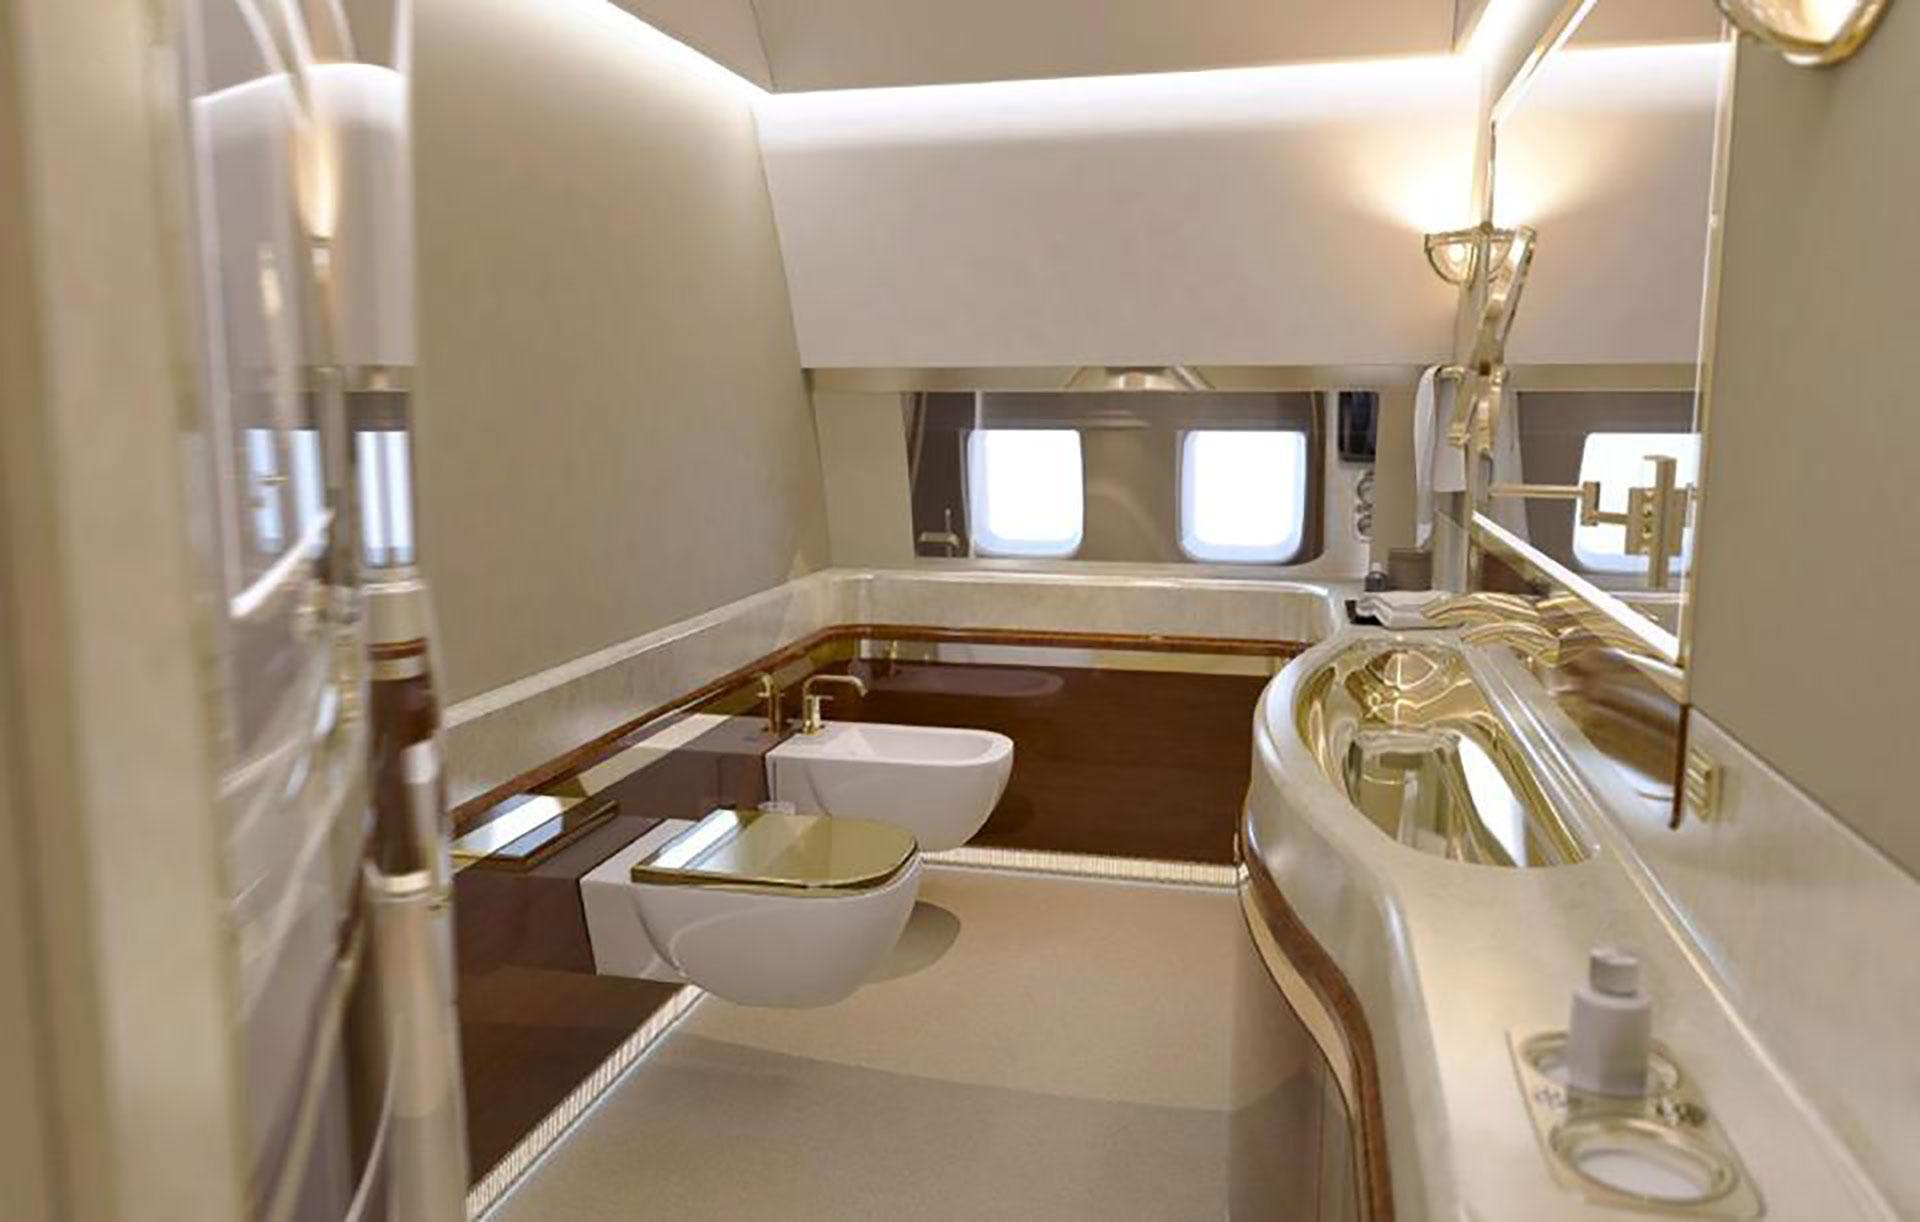 El lavabo, el retrete y el bidé tienen decorados de oro en el cuarto de baño a bordo (Foto: CEN)